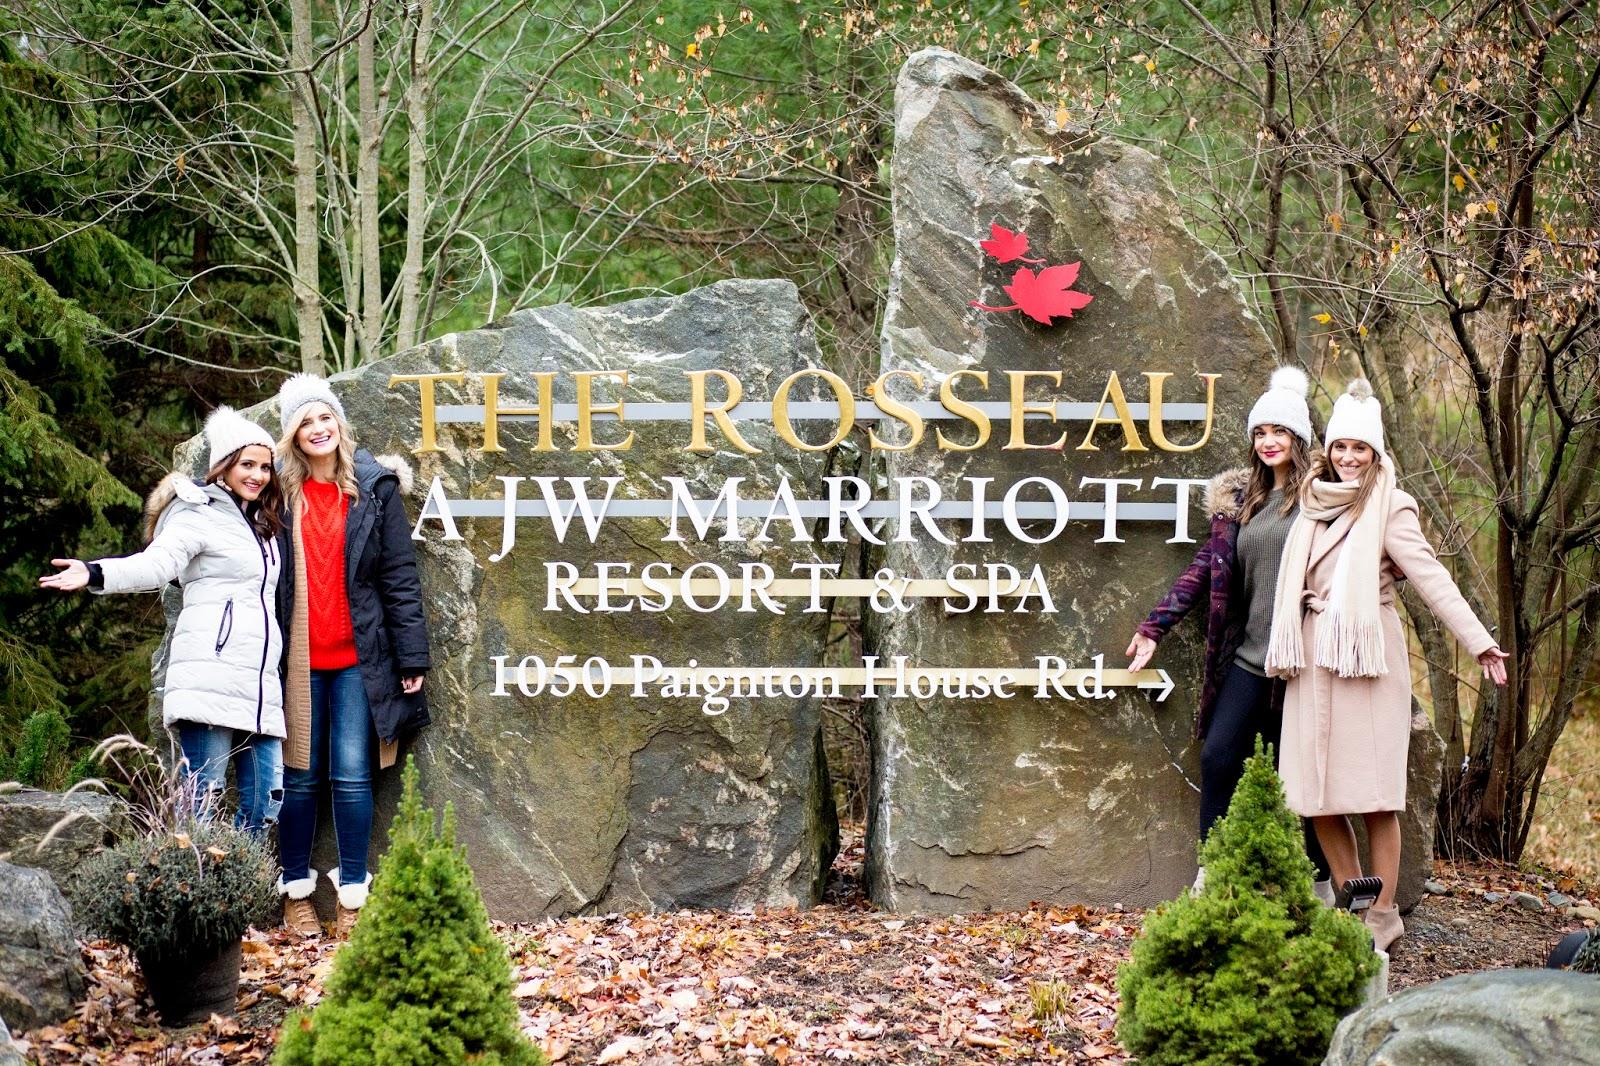 Bijuleni - Girls Weekend In JW Marriott The Rosseau Muskoka